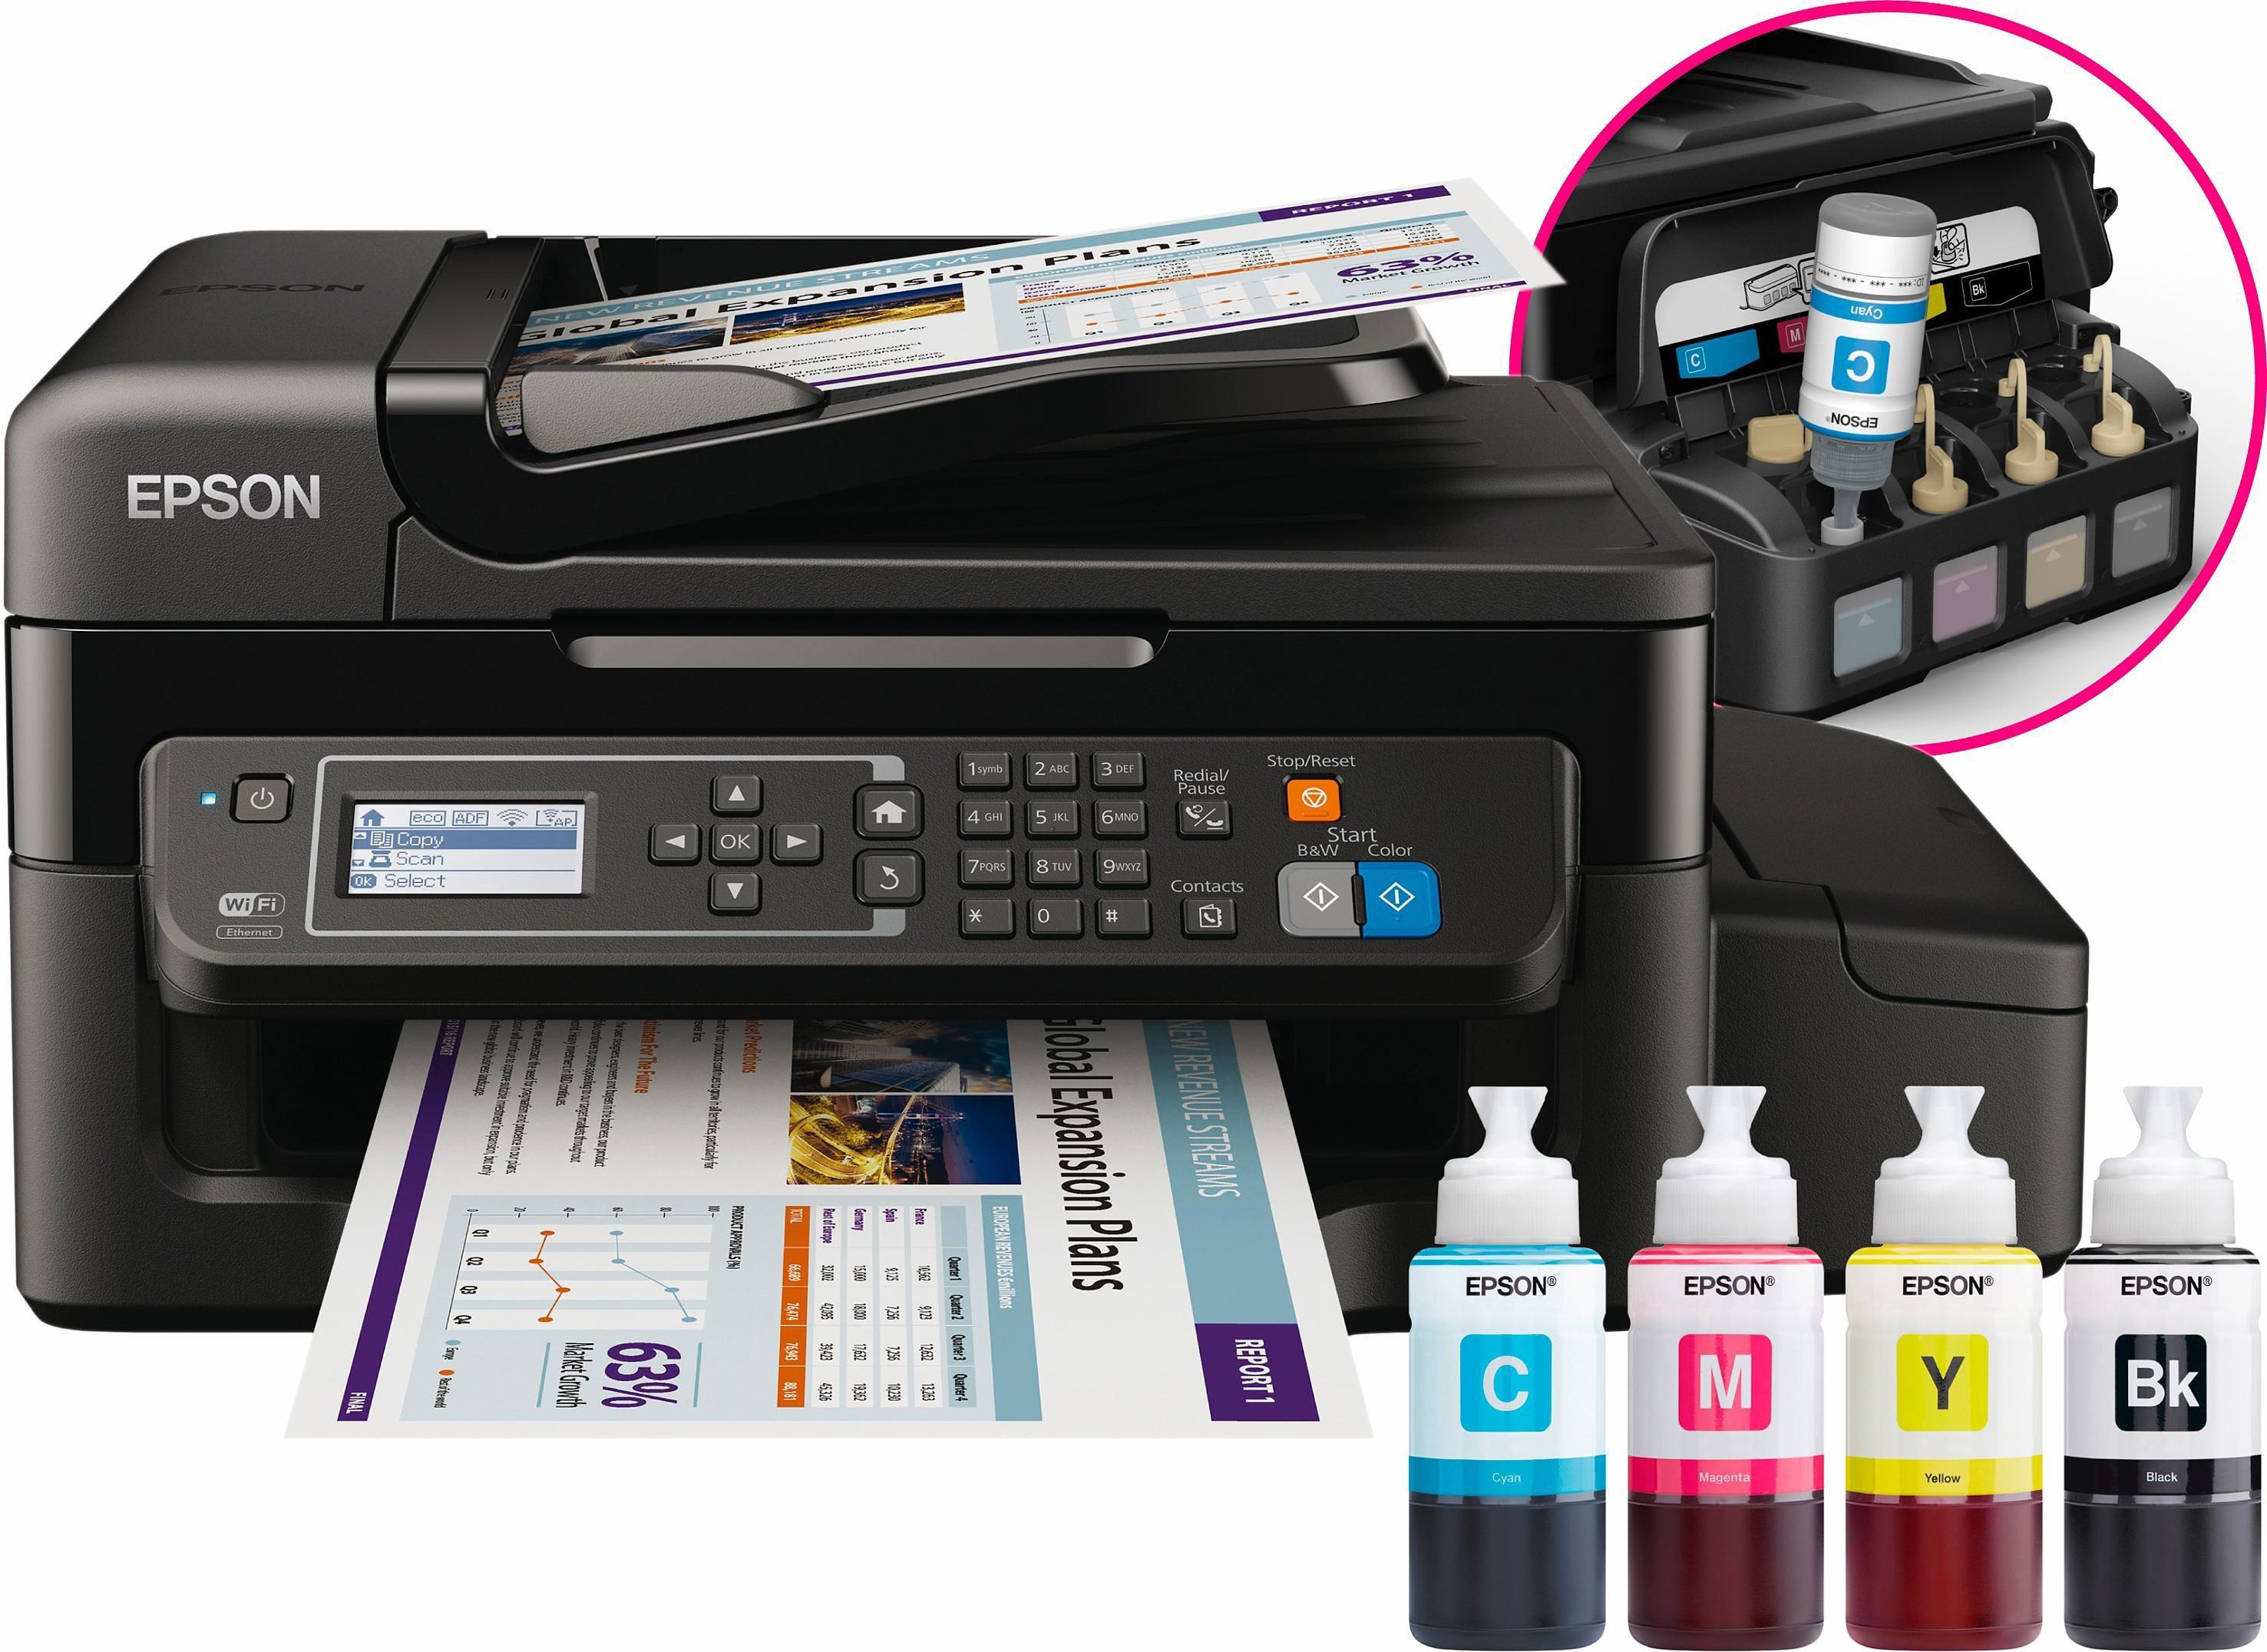 Vorschaubild von Epson EcoTank ET-4500 Multifunktionsdrucker